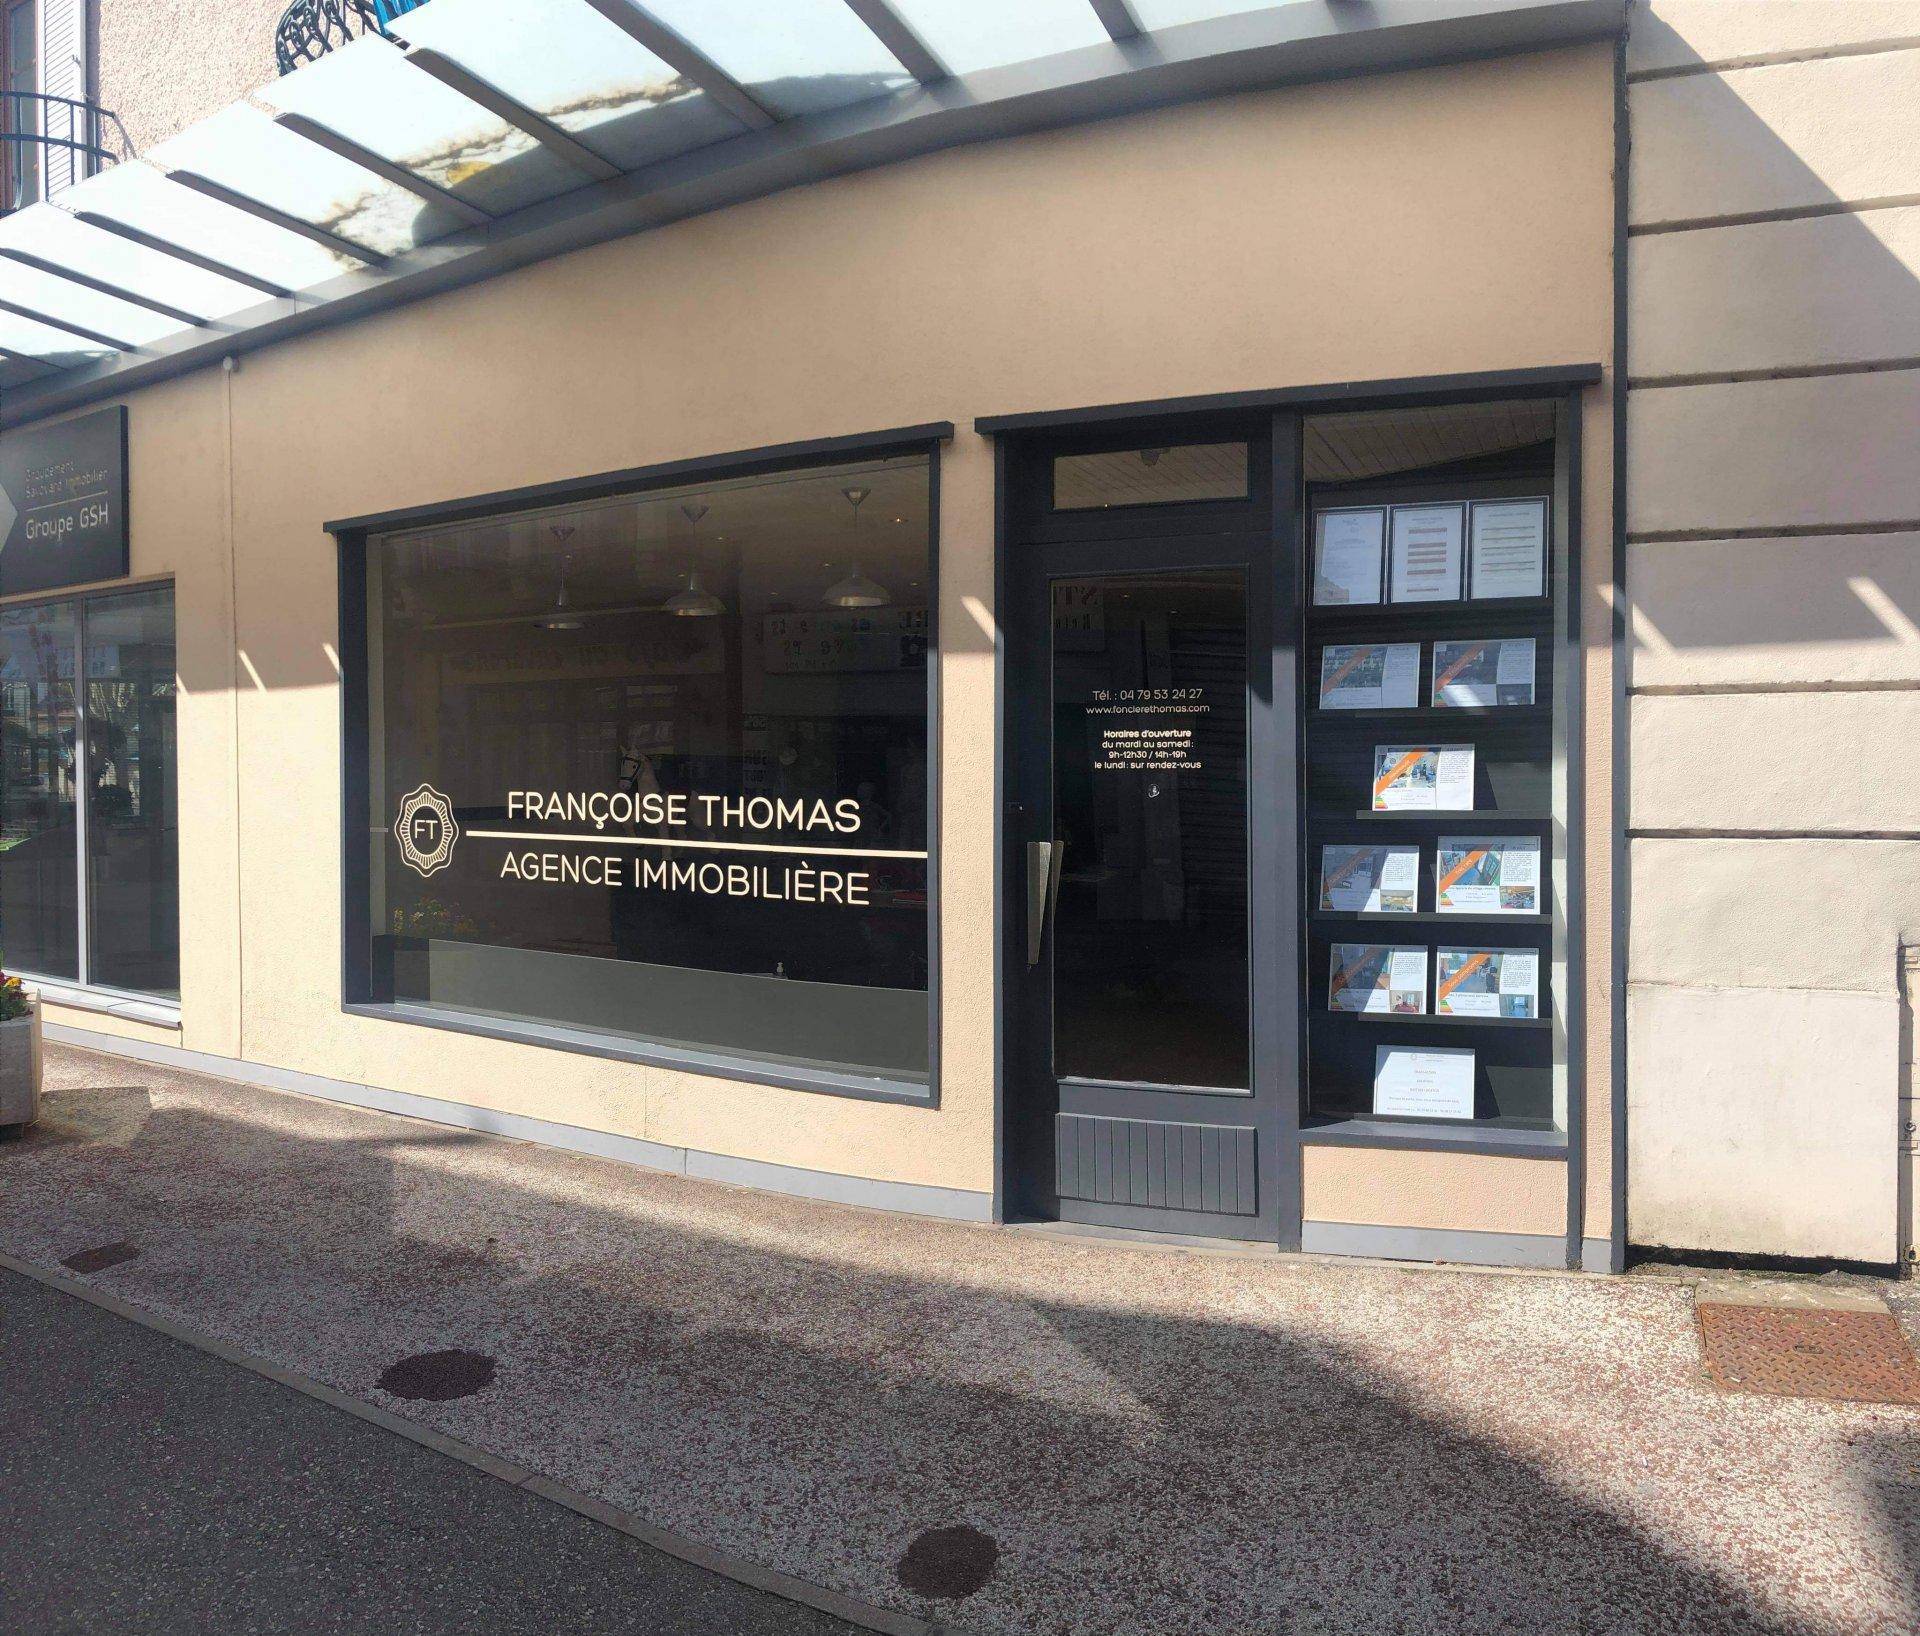 Françoise Thomas, Agence Immobilière